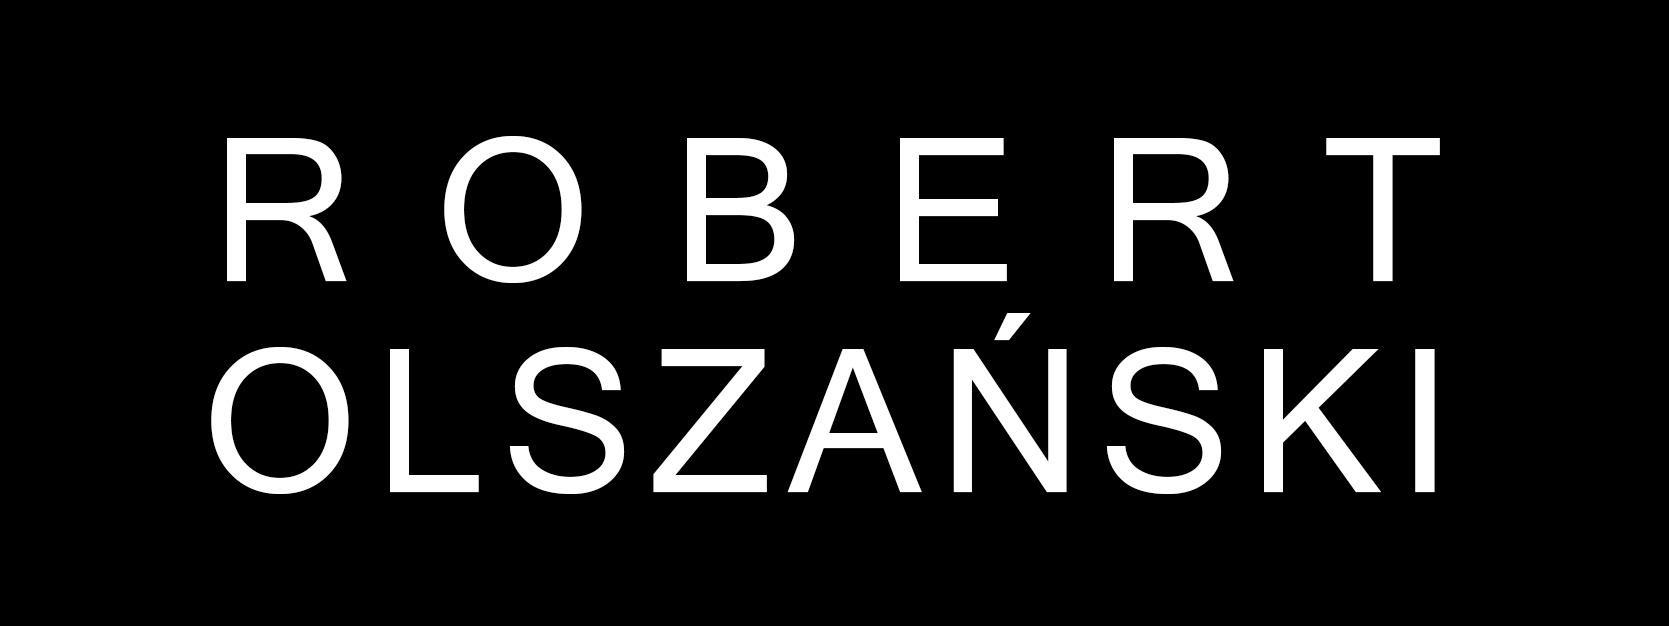 Robert Olszański